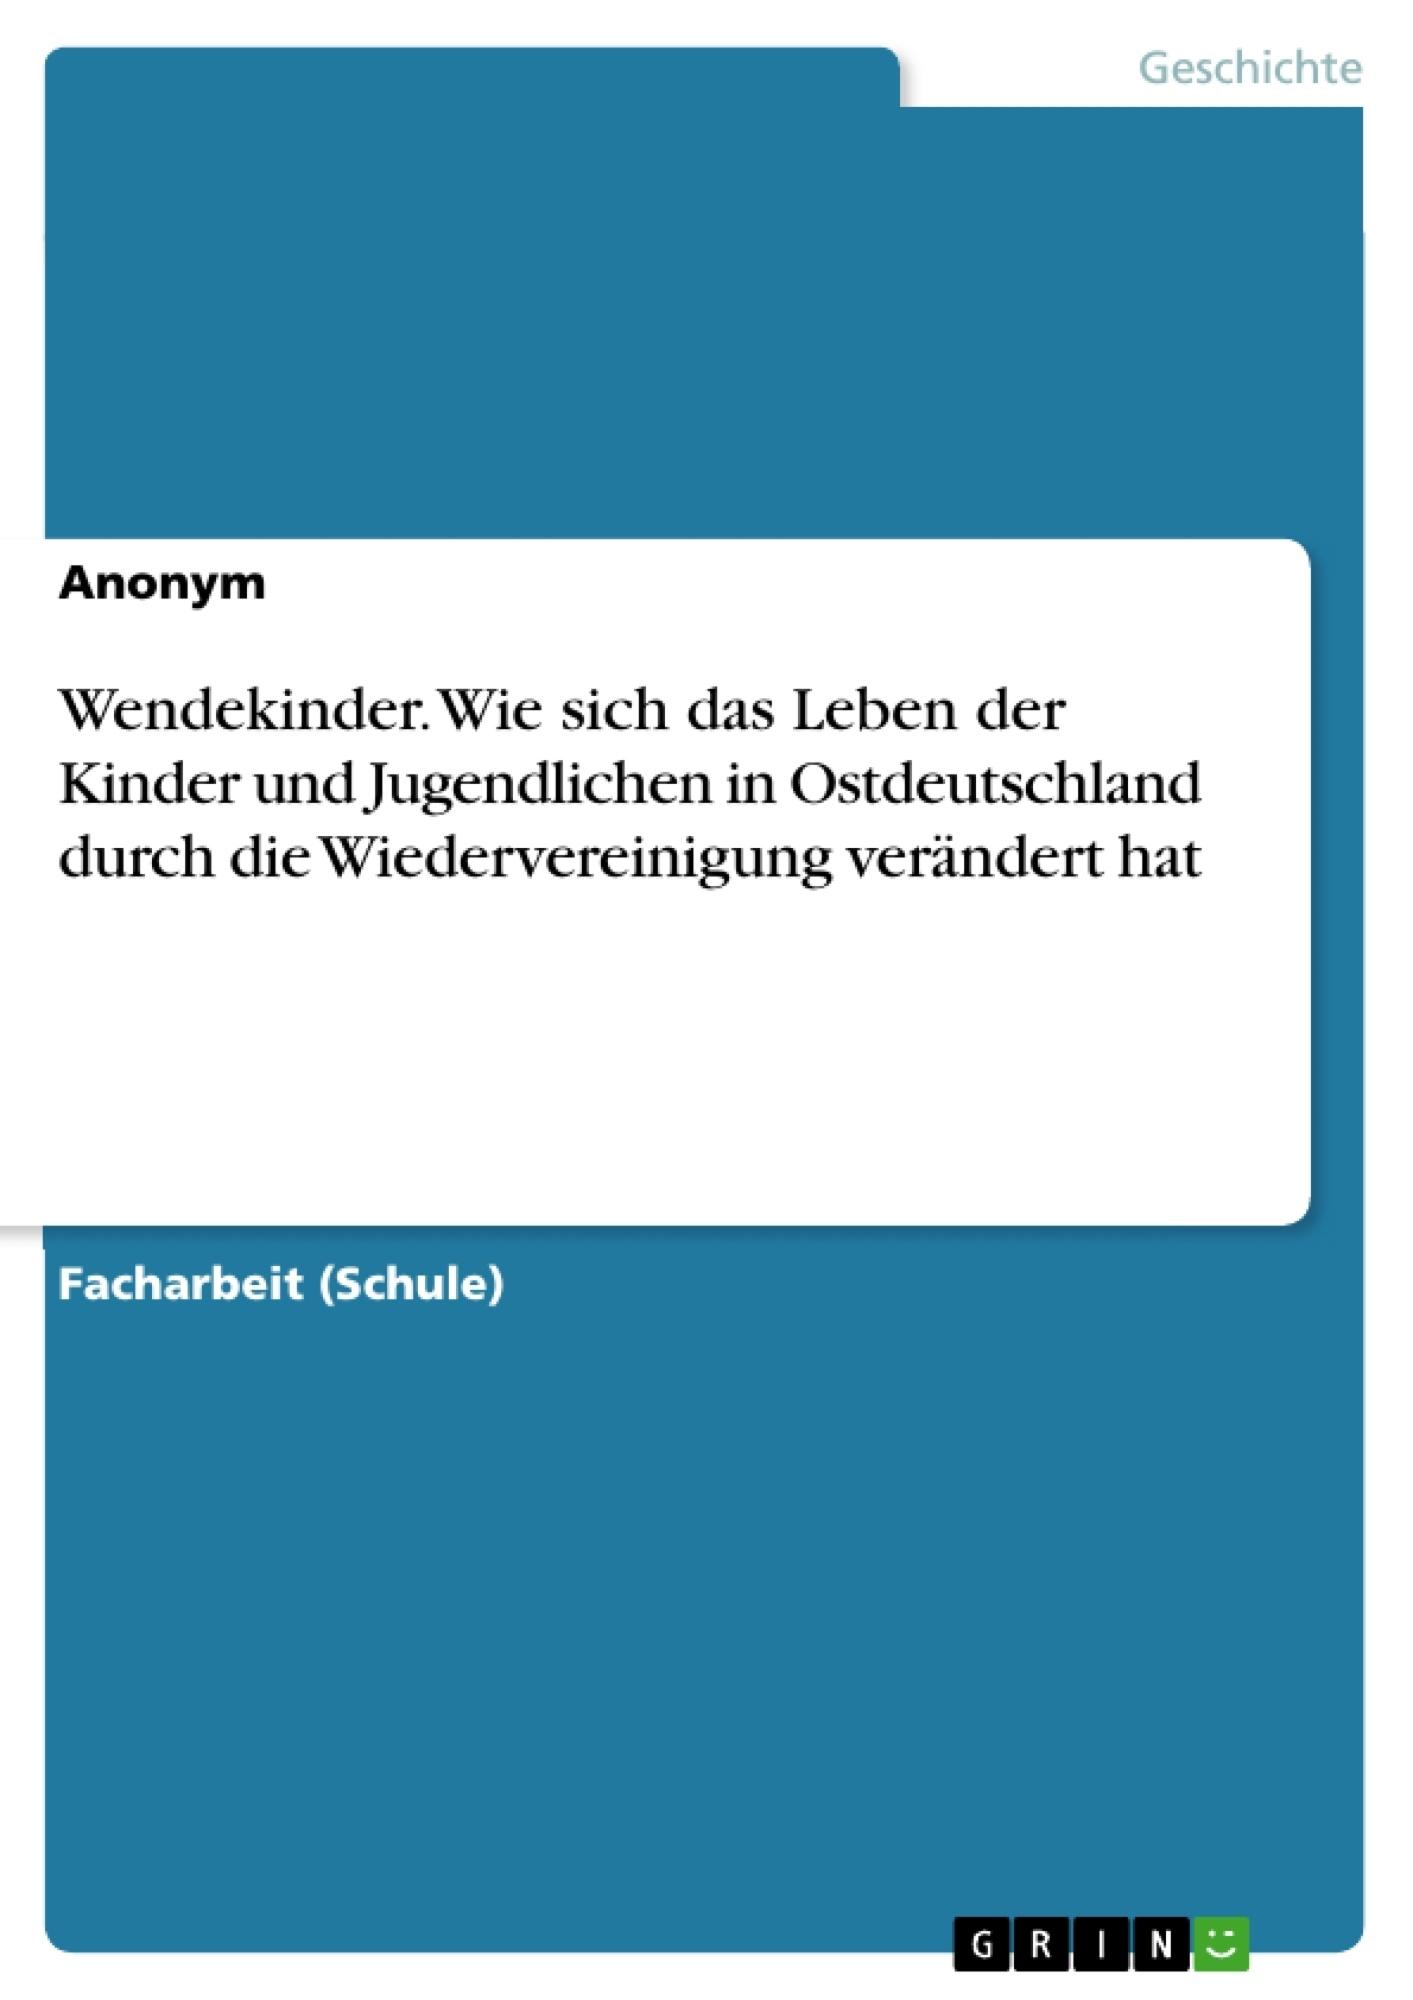 Titel: Wendekinder. Wie sich das Leben der Kinder und Jugendlichen in Ostdeutschland durch die Wiedervereinigung verändert hat